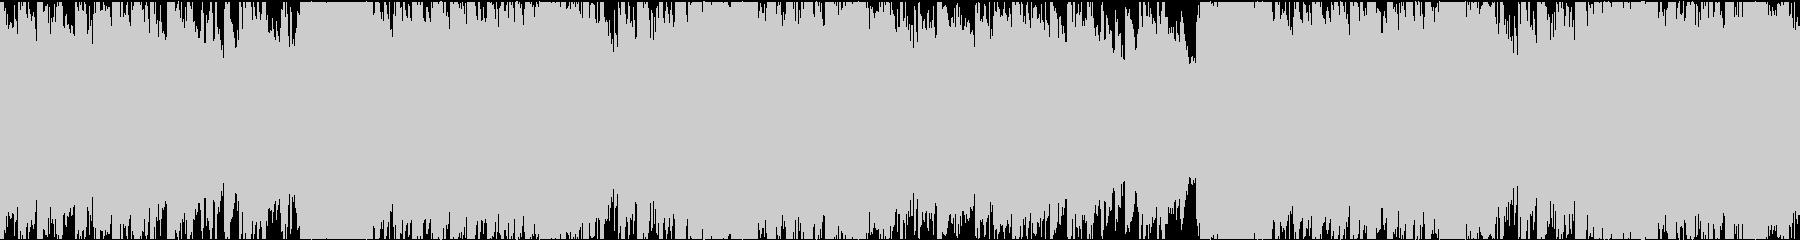 某CyberPunkアニメ風の未再生の波形